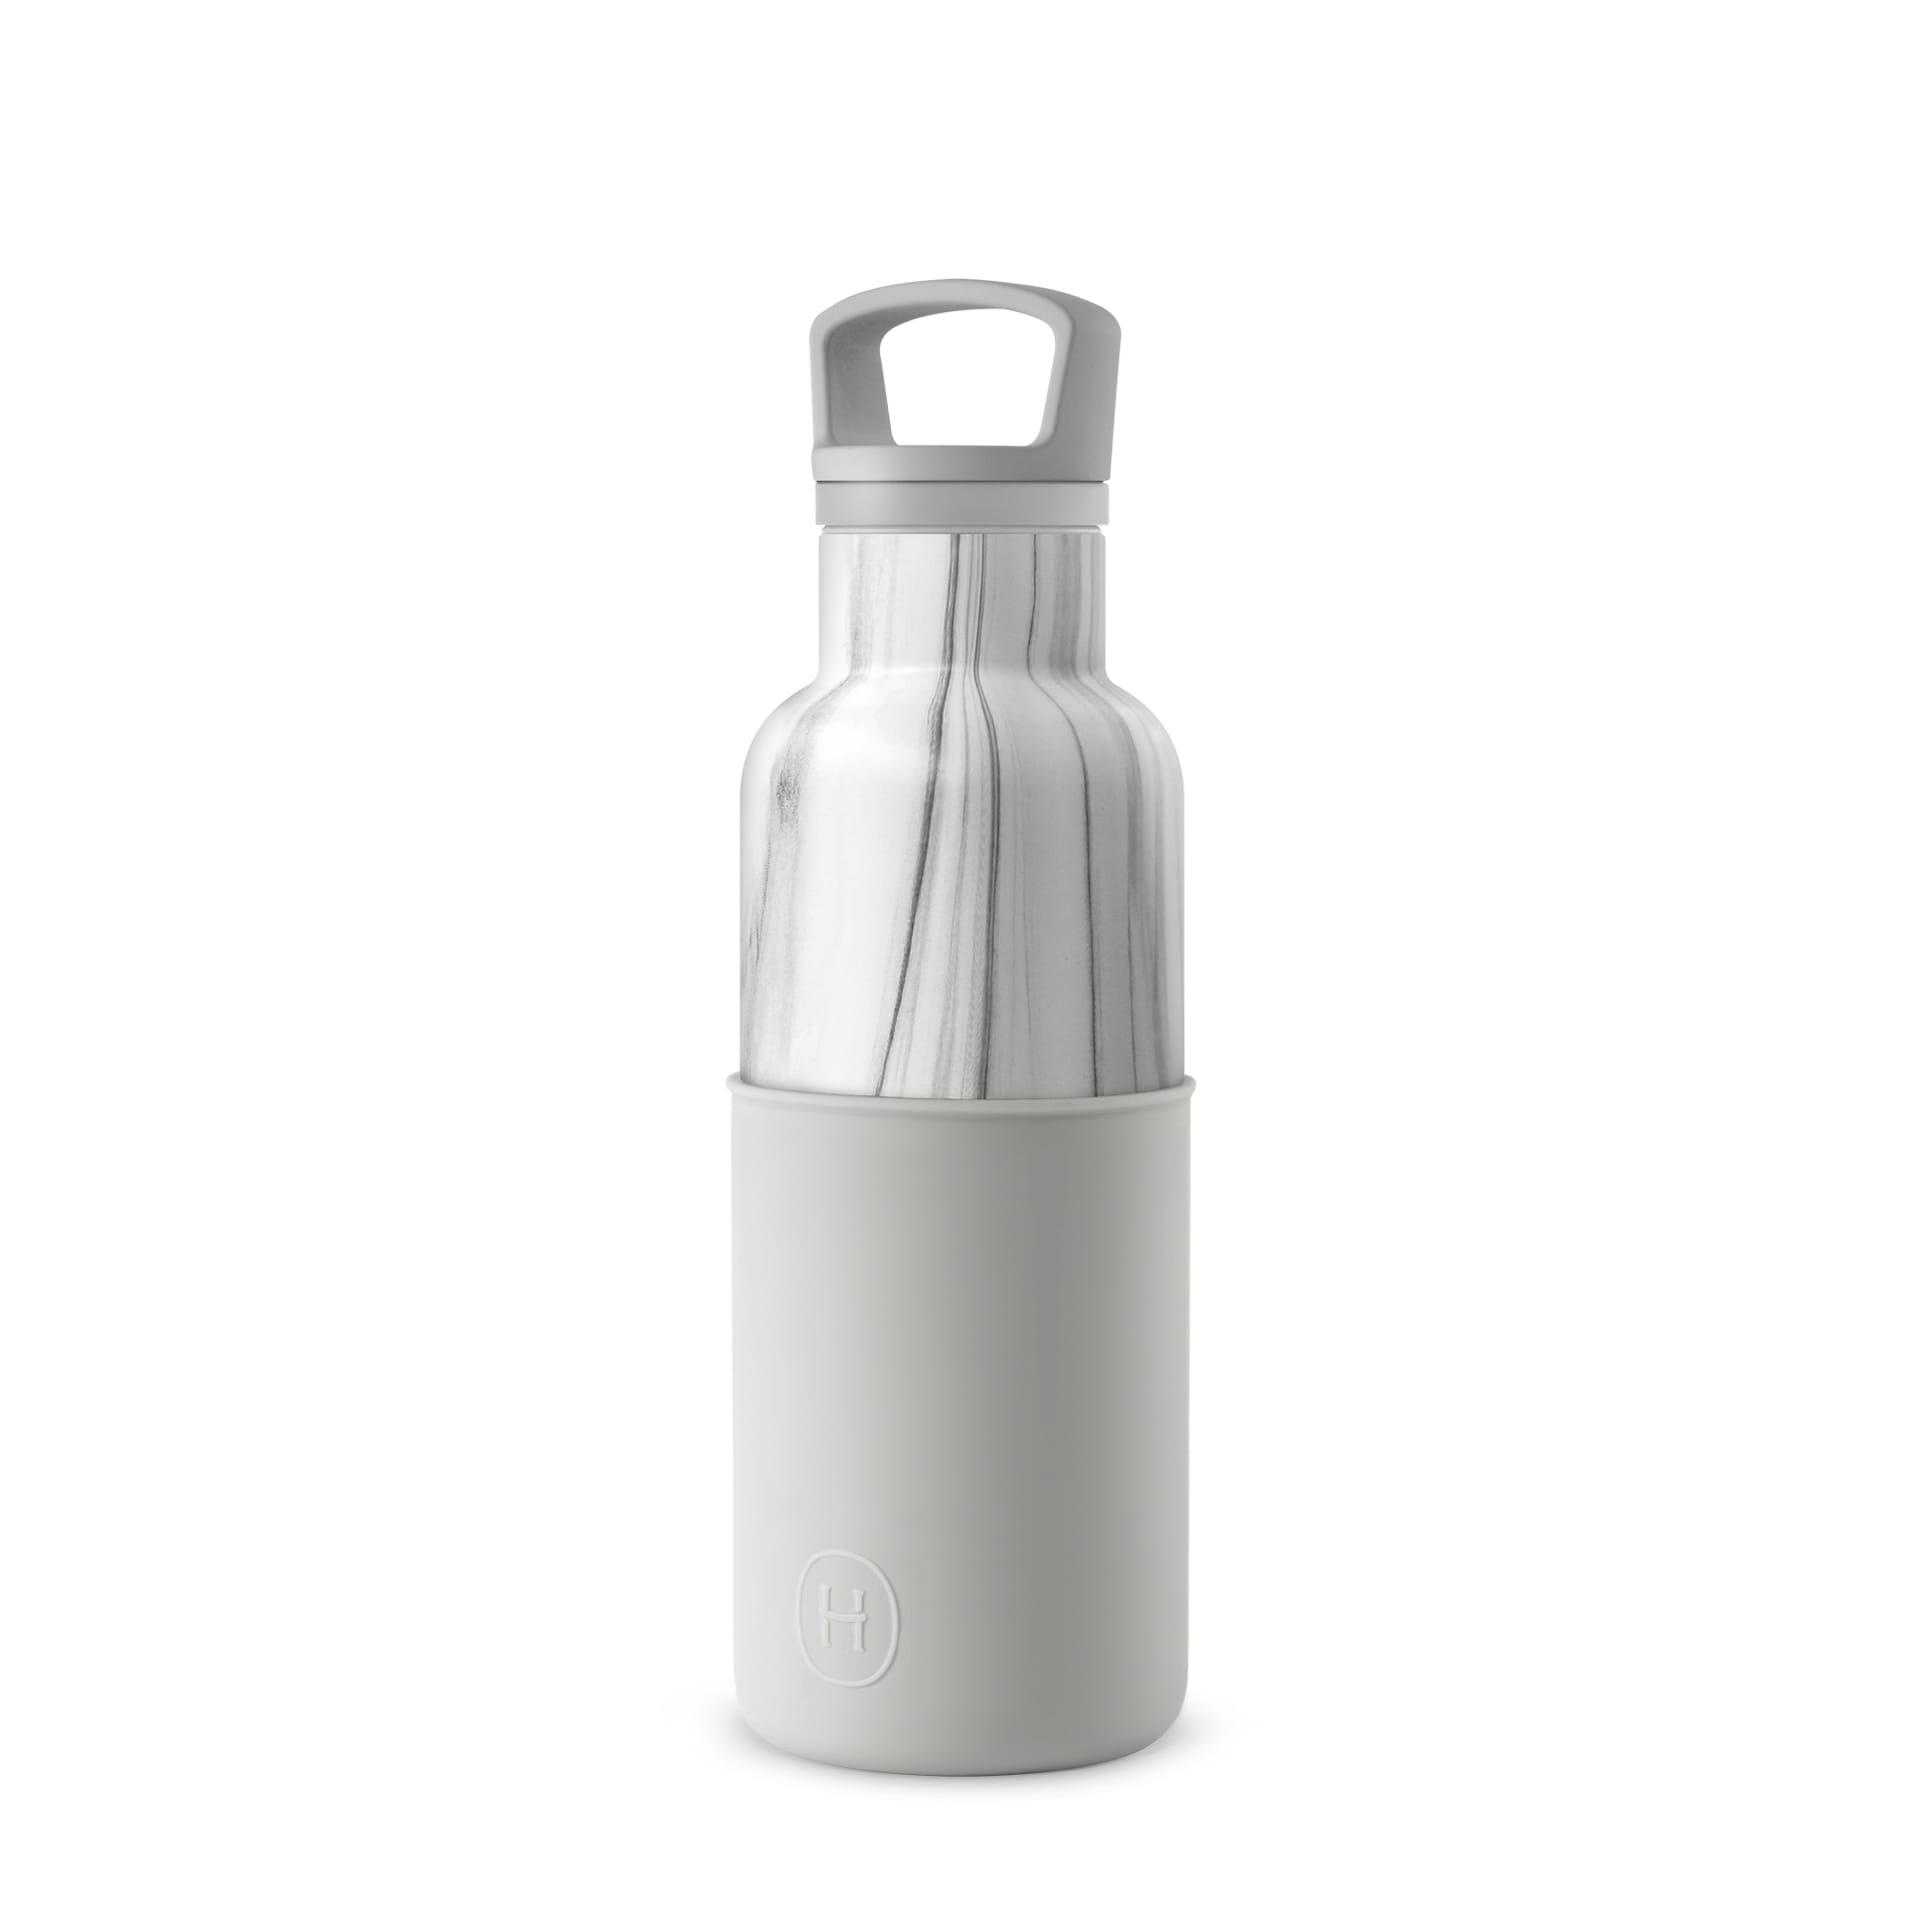 美國 HYDY 時尚不銹鋼保溫水瓶 480ml 大理石紋瓶 (雲灰)